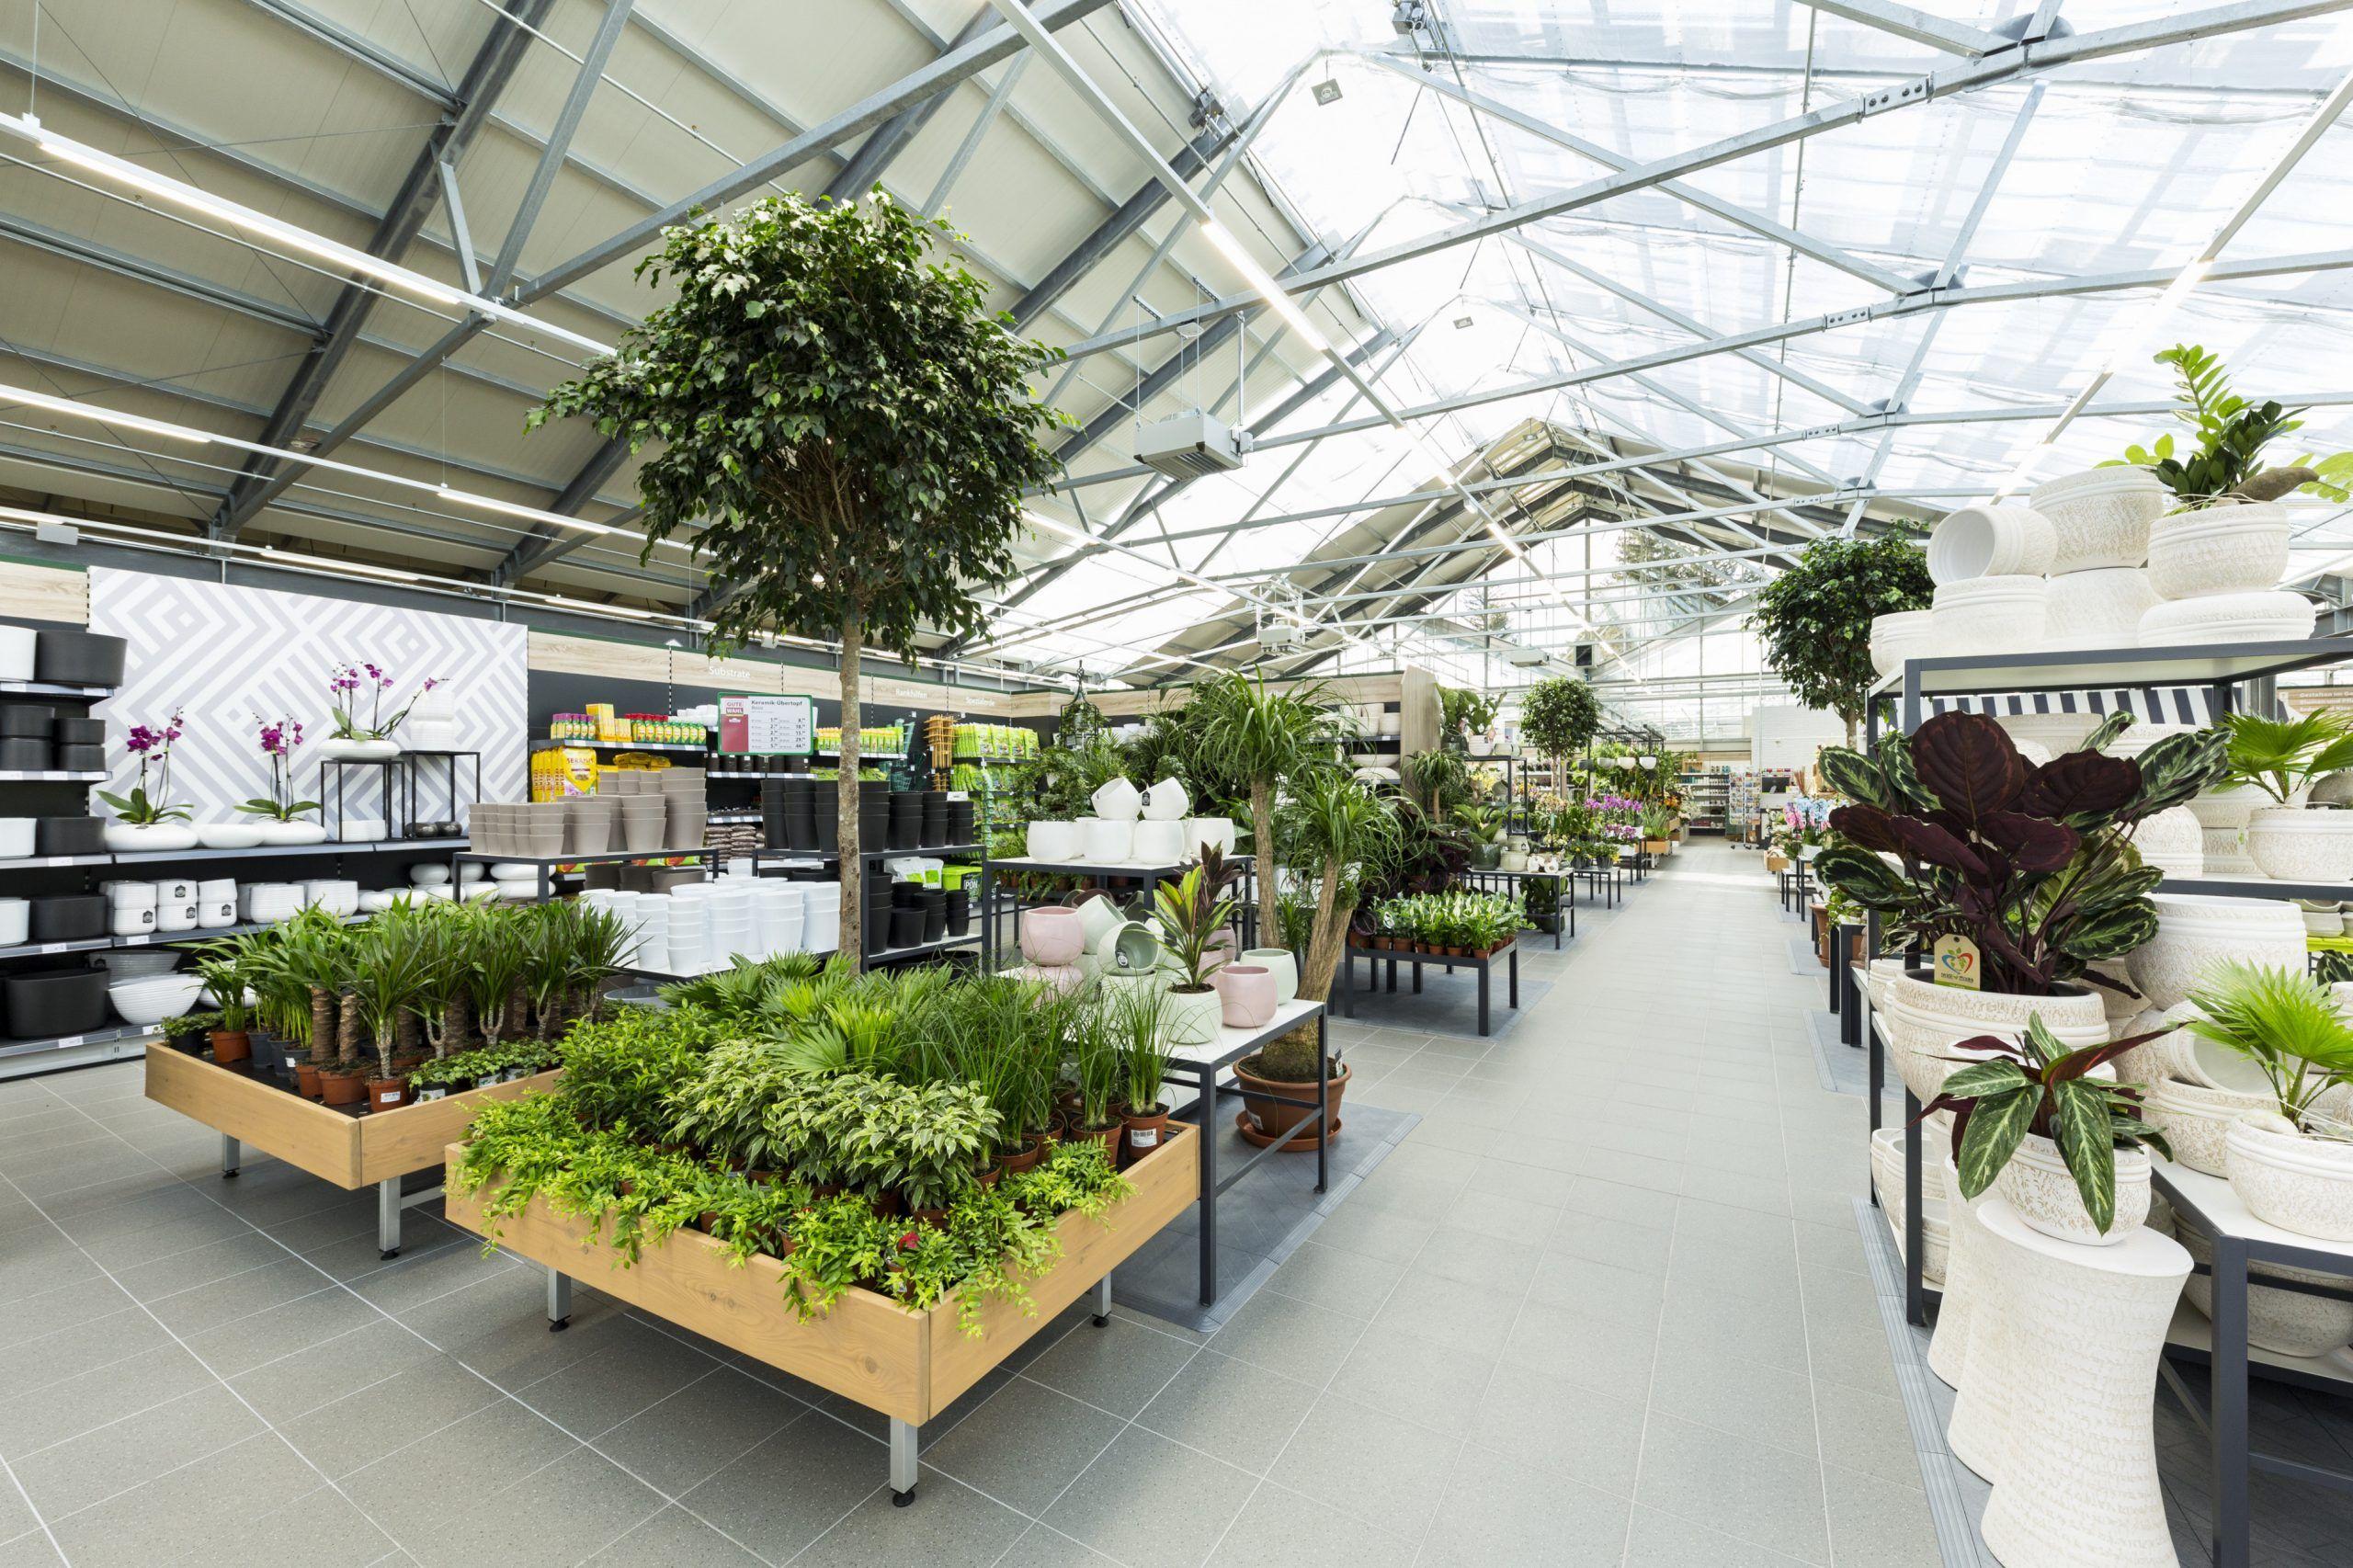 Garten Dehner Garten Gartencenter Garten Ideen